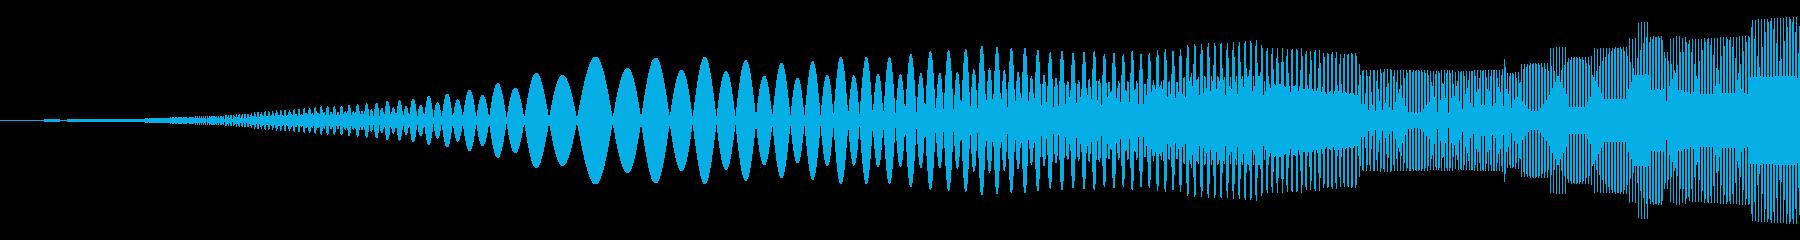 びゆぃー、ぎゆぃー みたいな音です。の再生済みの波形